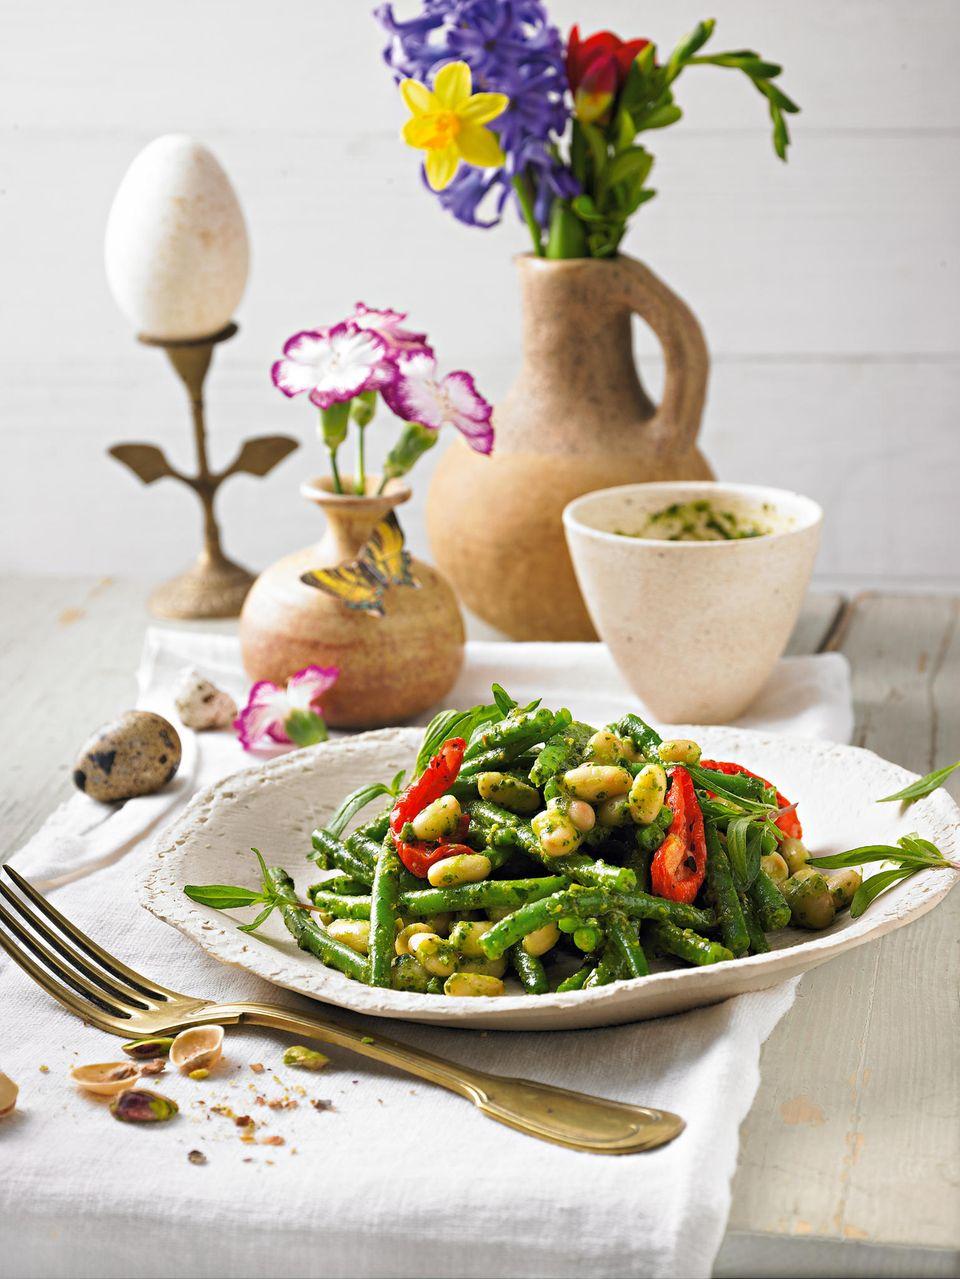 Ostermenü vegetarische Hauptspeise: Warmer Bohnensalat